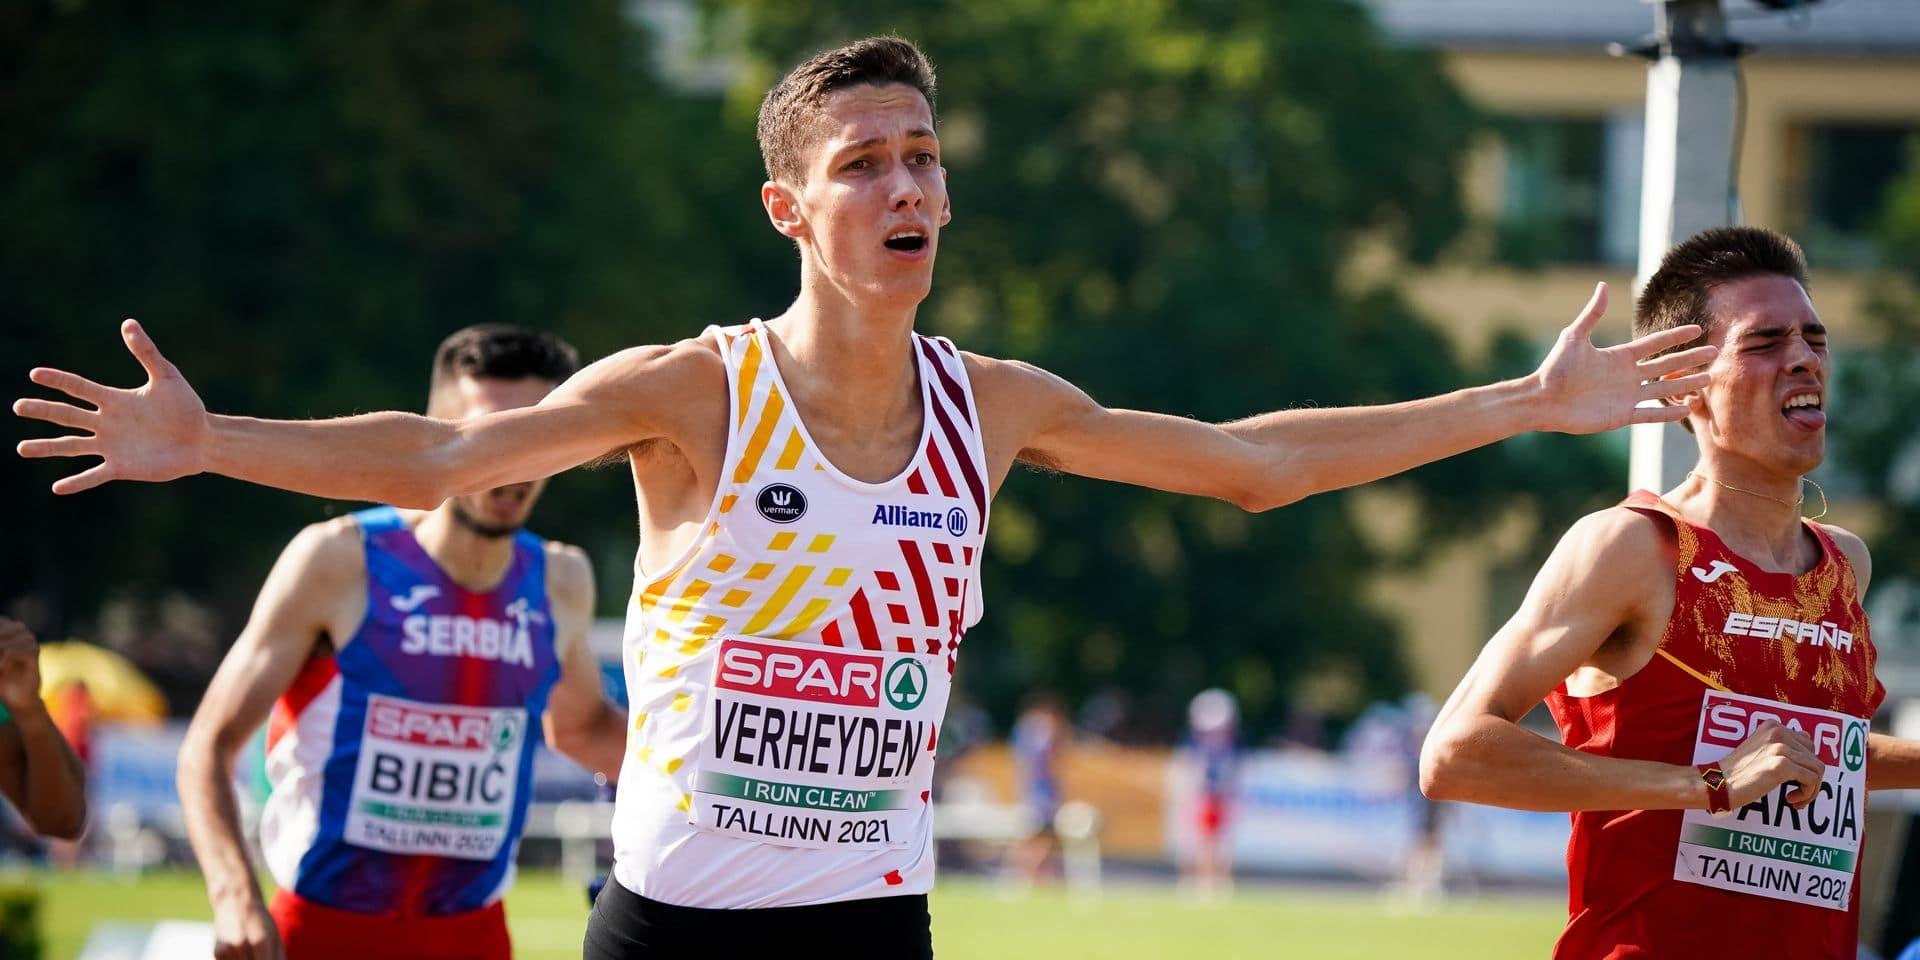 Avec 3 médailles aux championnats d'Europe Espoirs, la Belgique passe à la vitesse supérieure